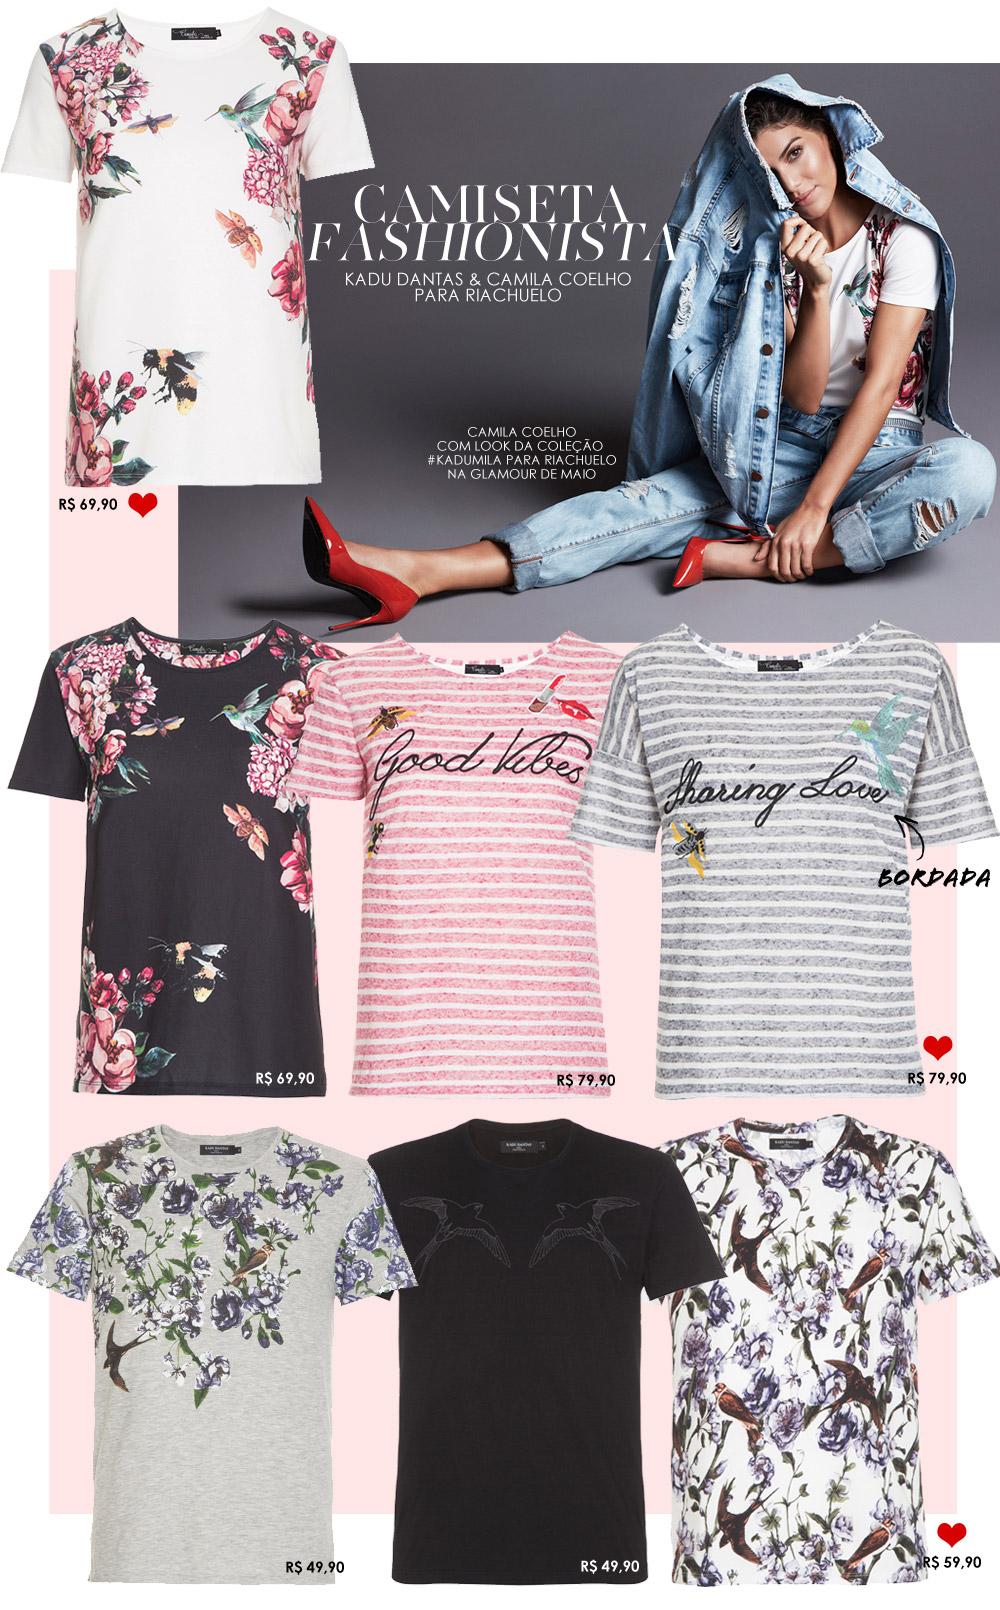 As camisetas bacanas da coleção Kadu Dantas e Camila Coelho para Riachuelo